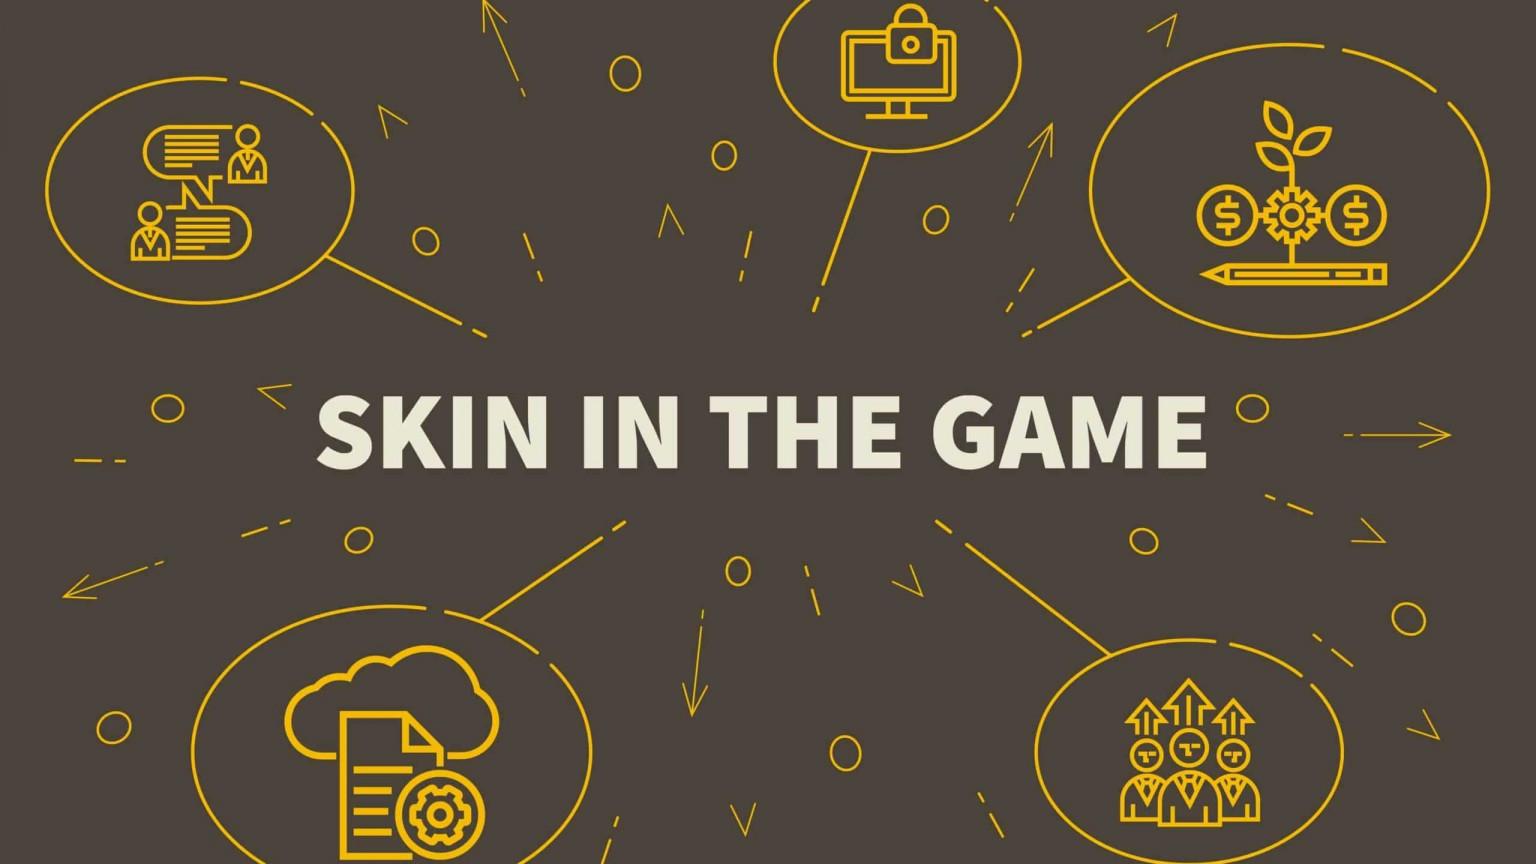 Peer-to-Peer Lending Skin in the Game